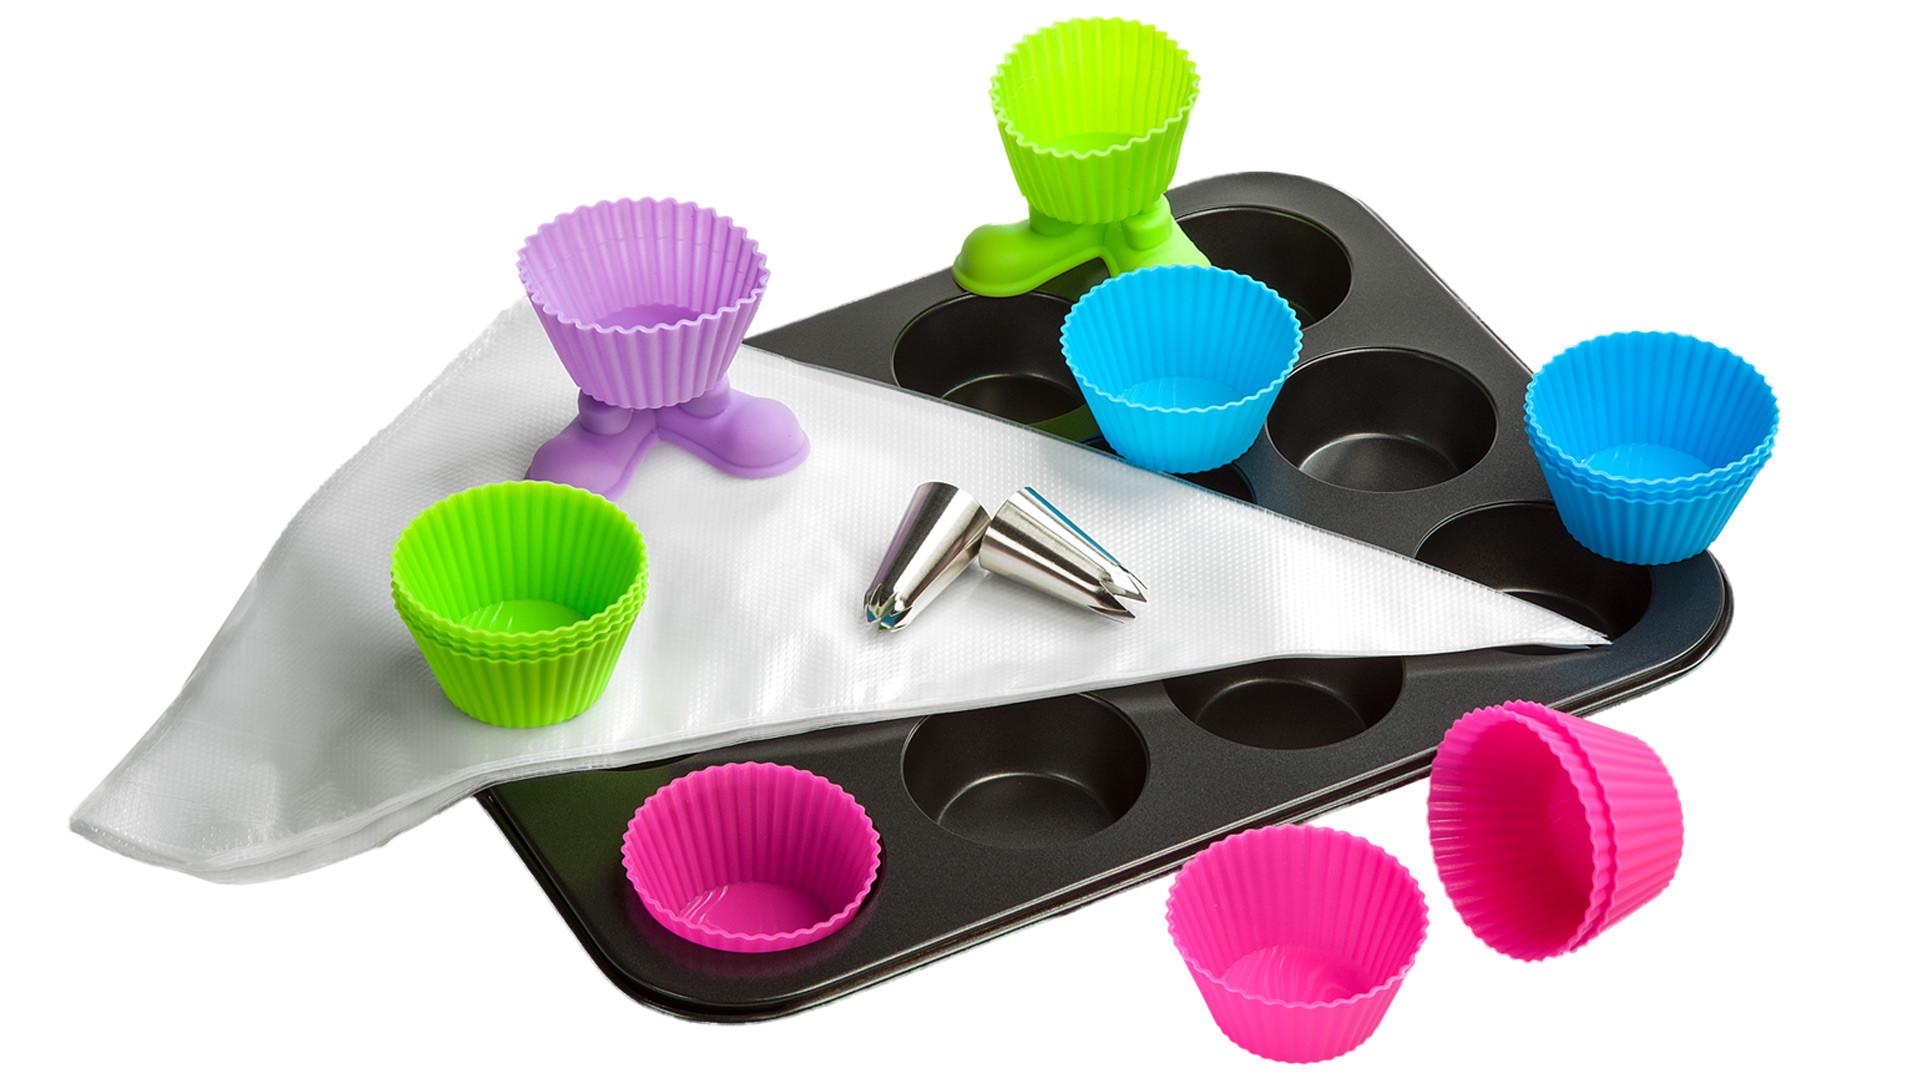 Cupcake-Starter-Set